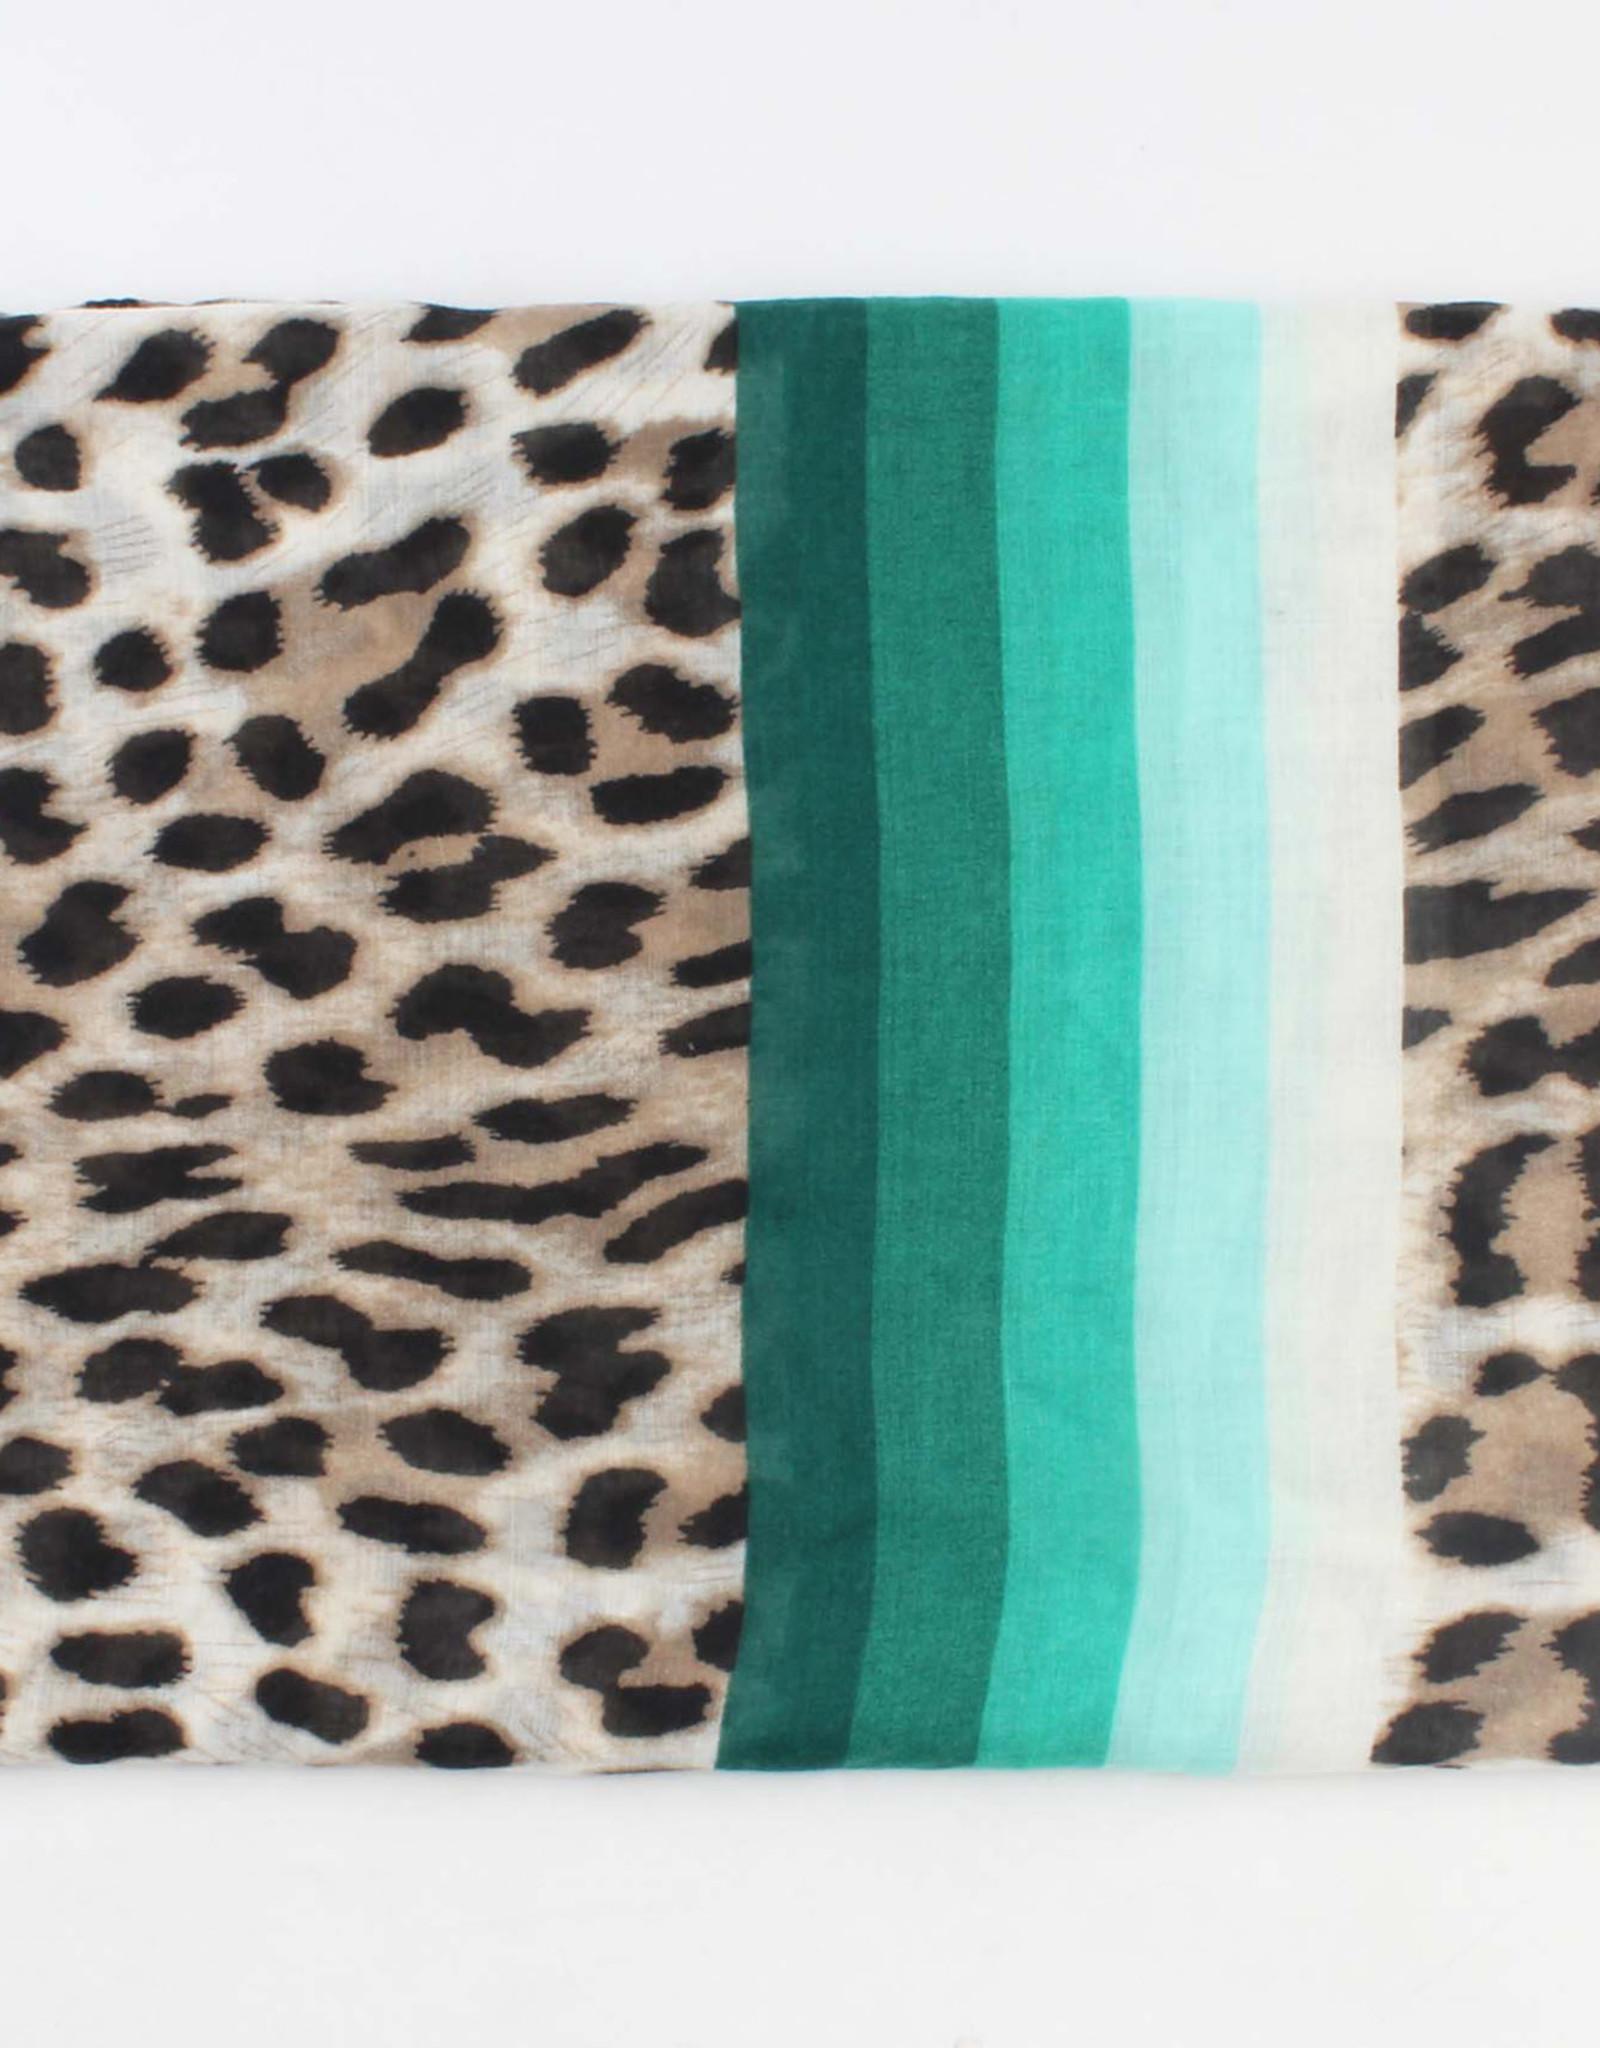 Shawl leopardprint with green stripes